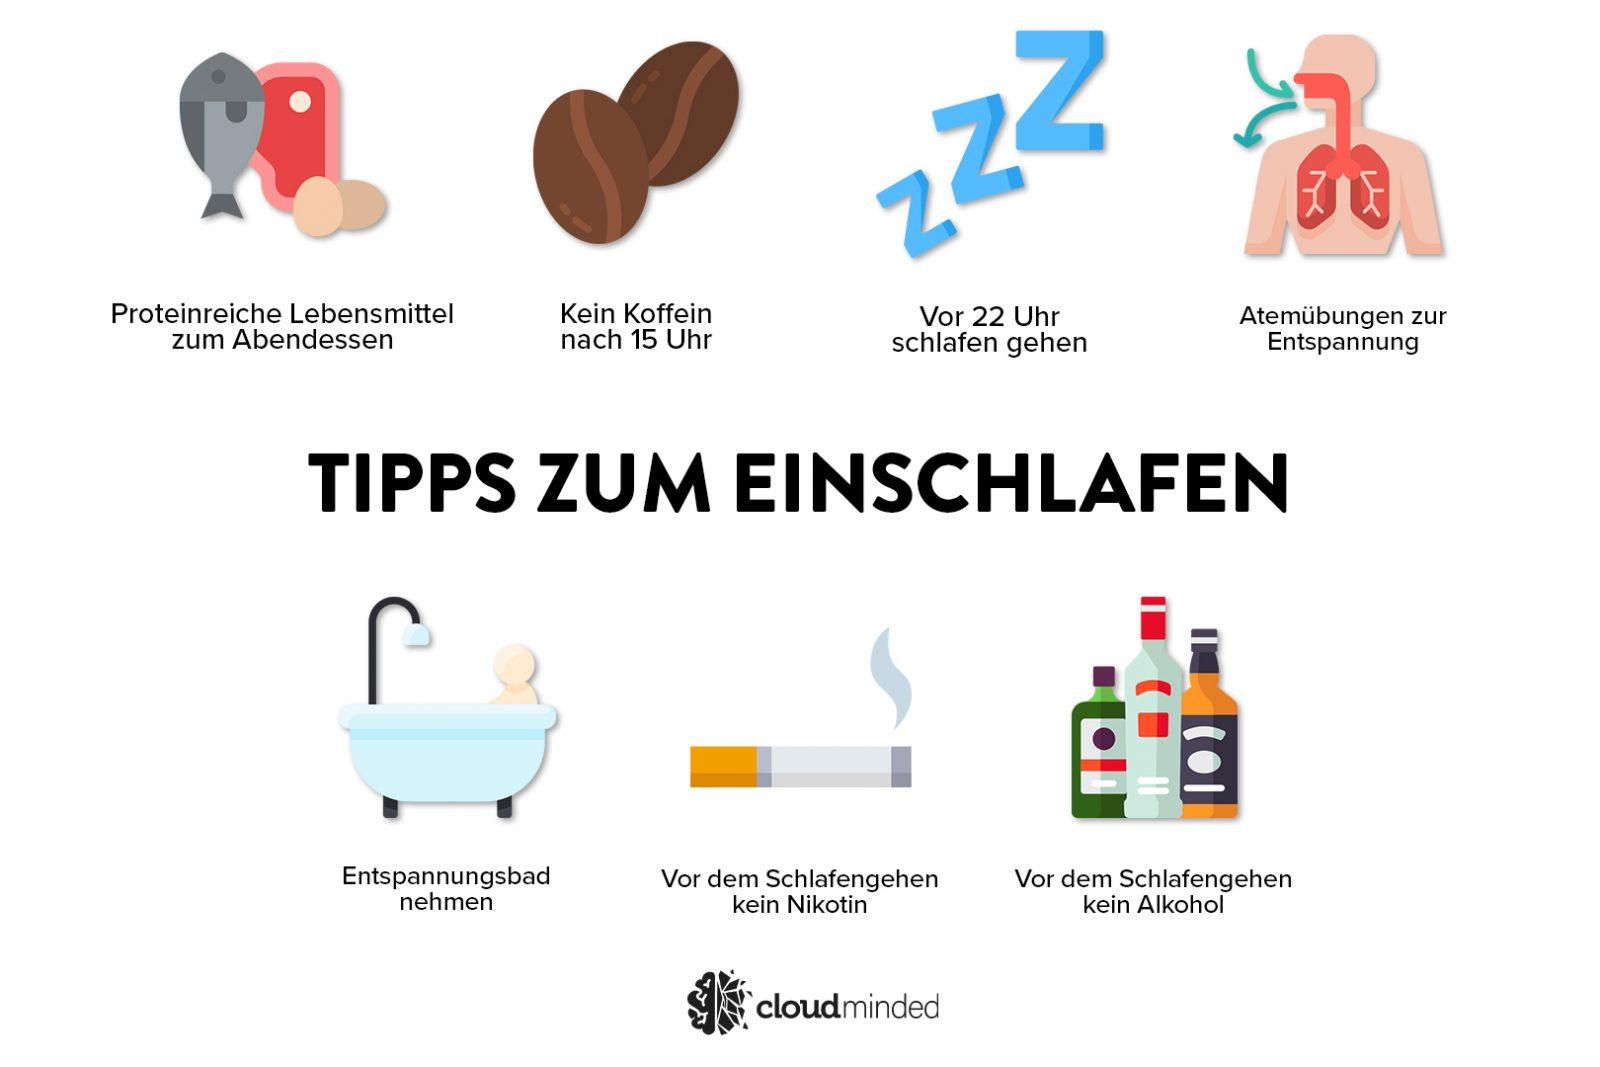 Tipps zu einschlafen